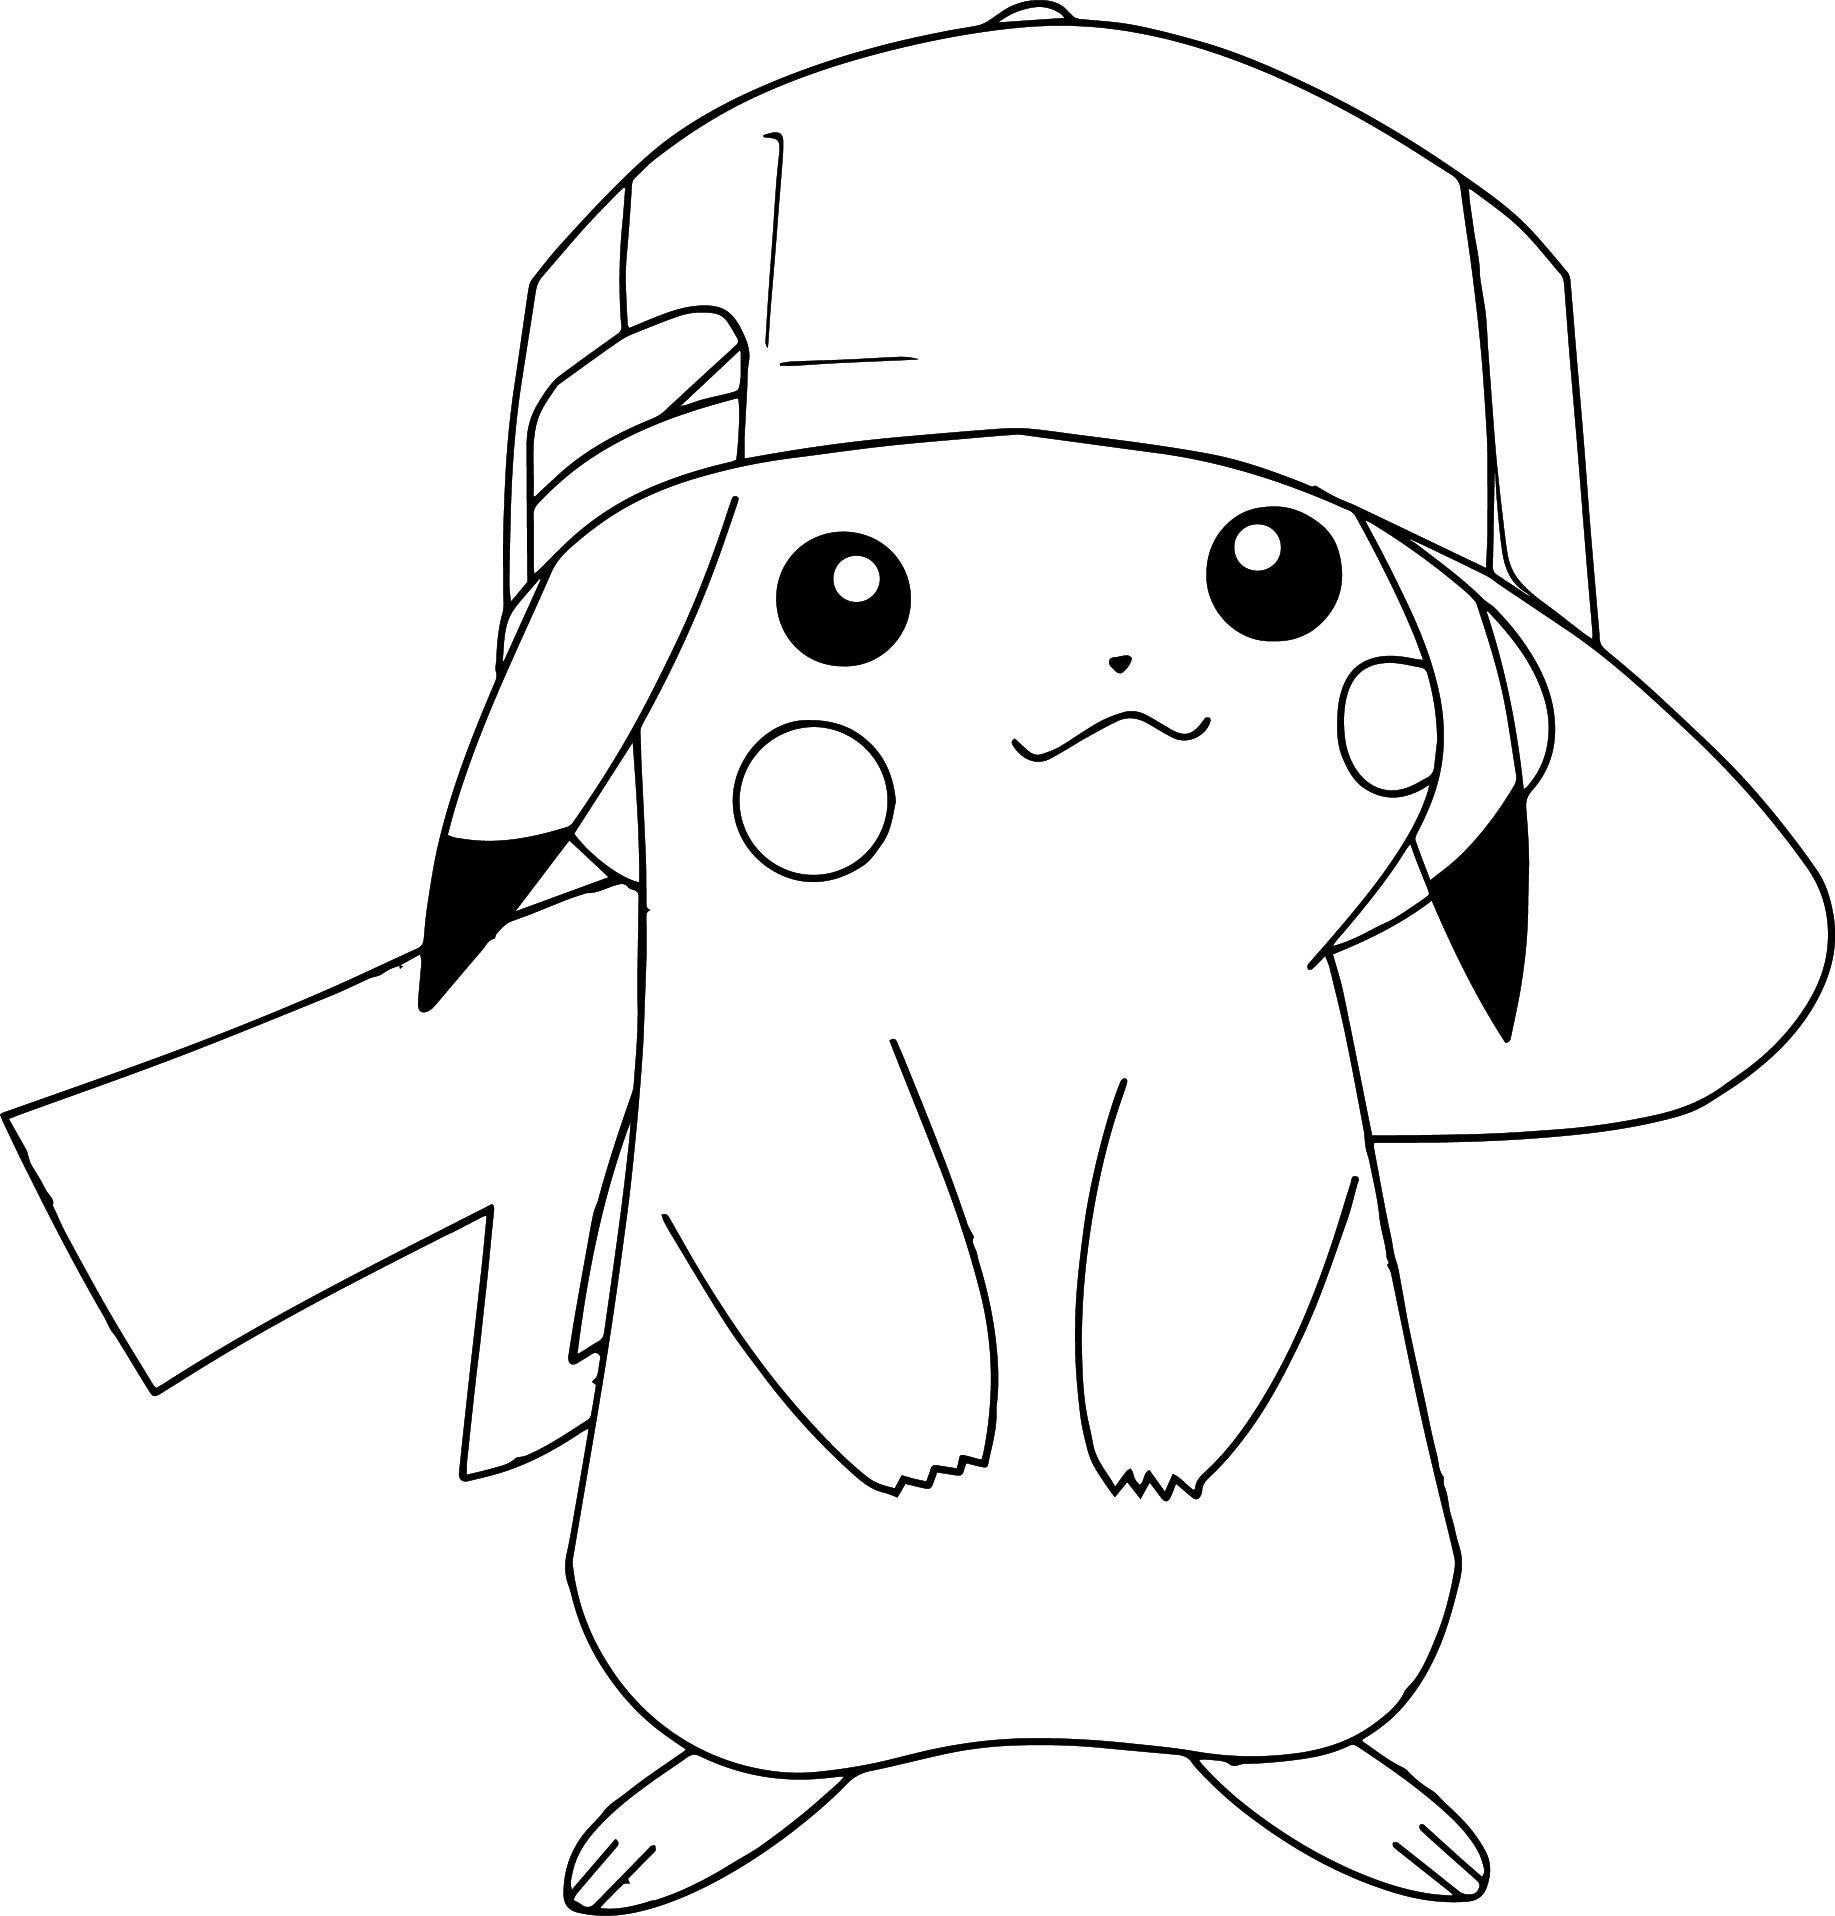 Hình Pokemon tranh tô màu đẹp